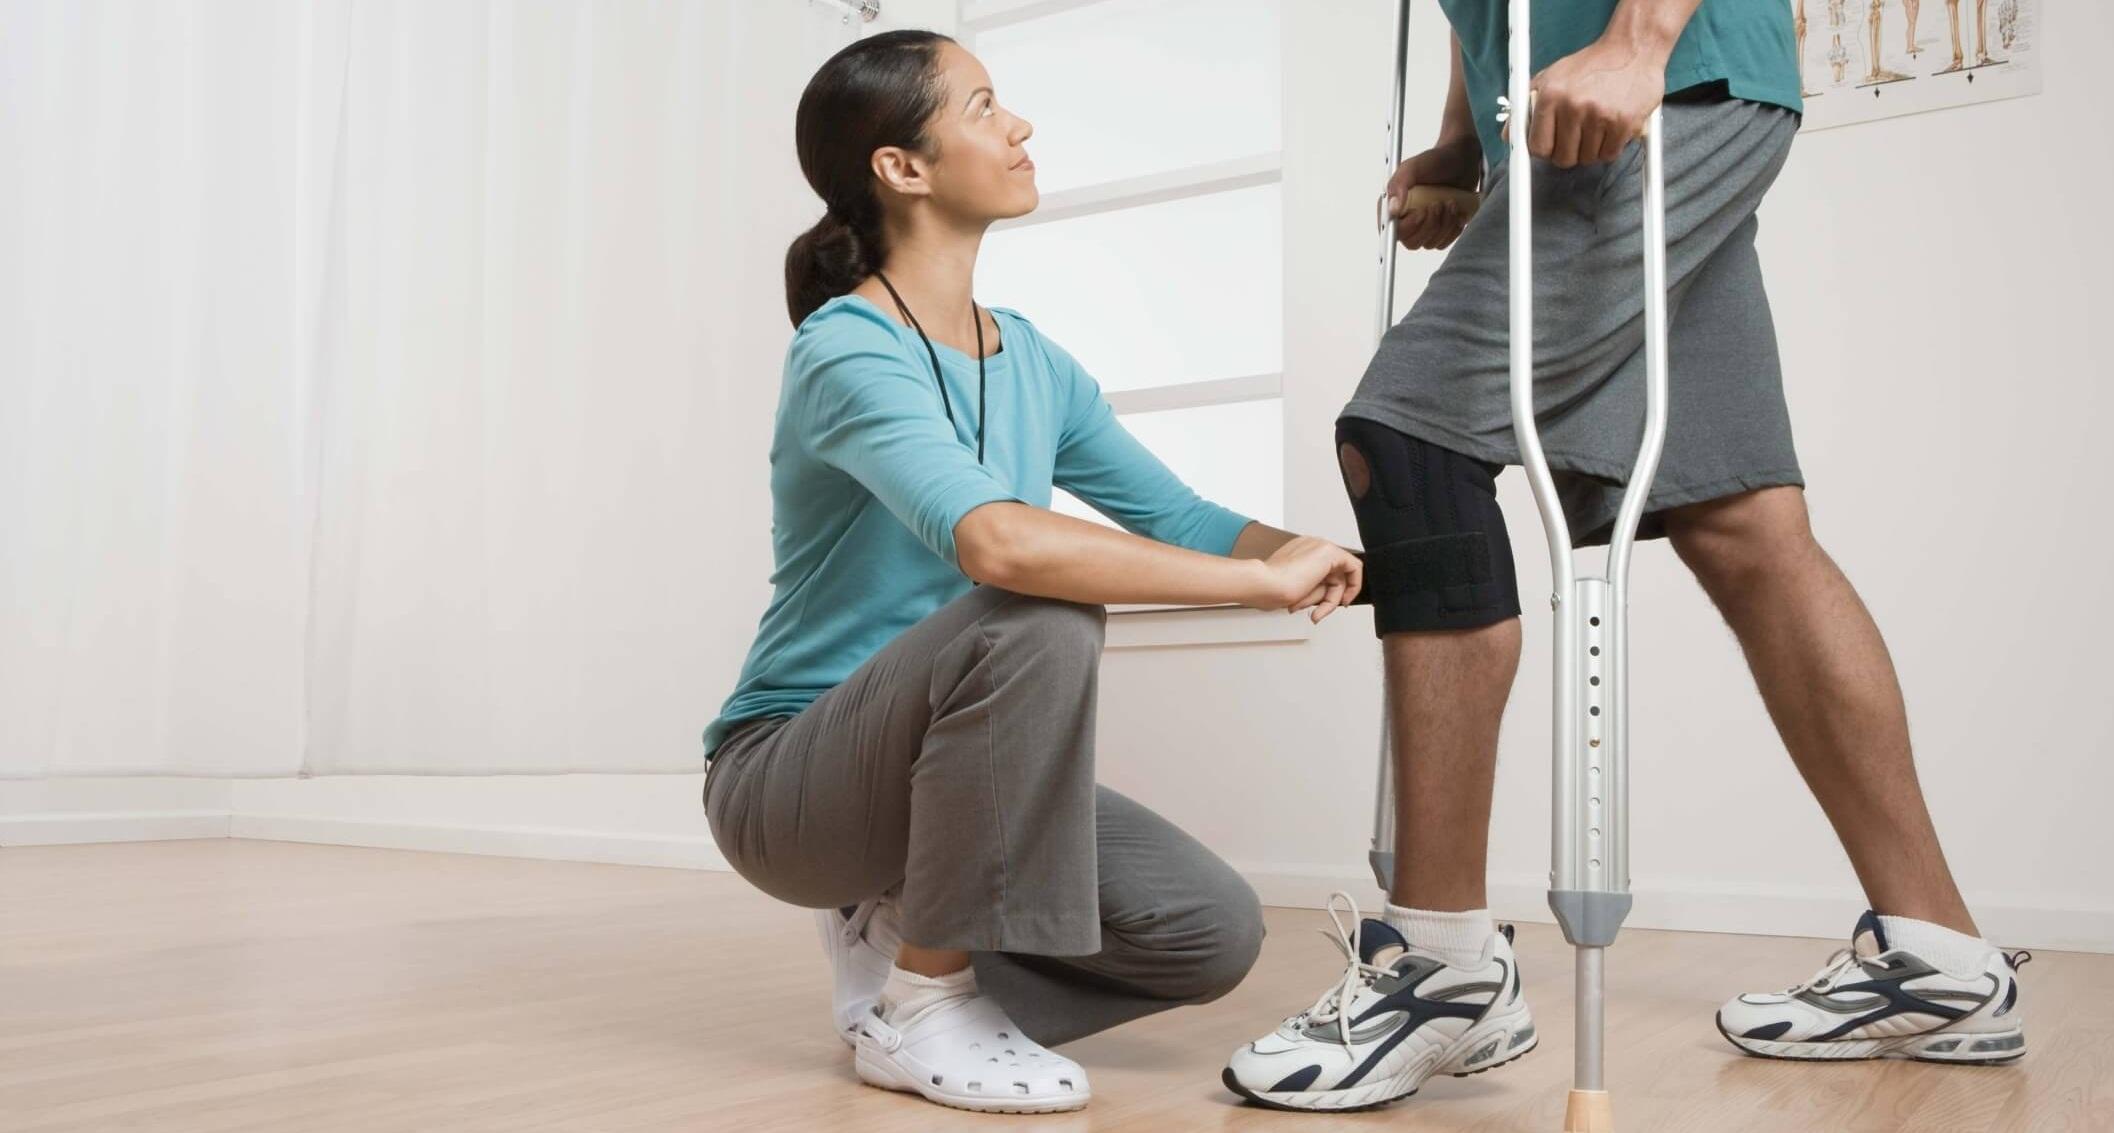 3 основных этапа замены колена и возврат к привычной жизни после операции.